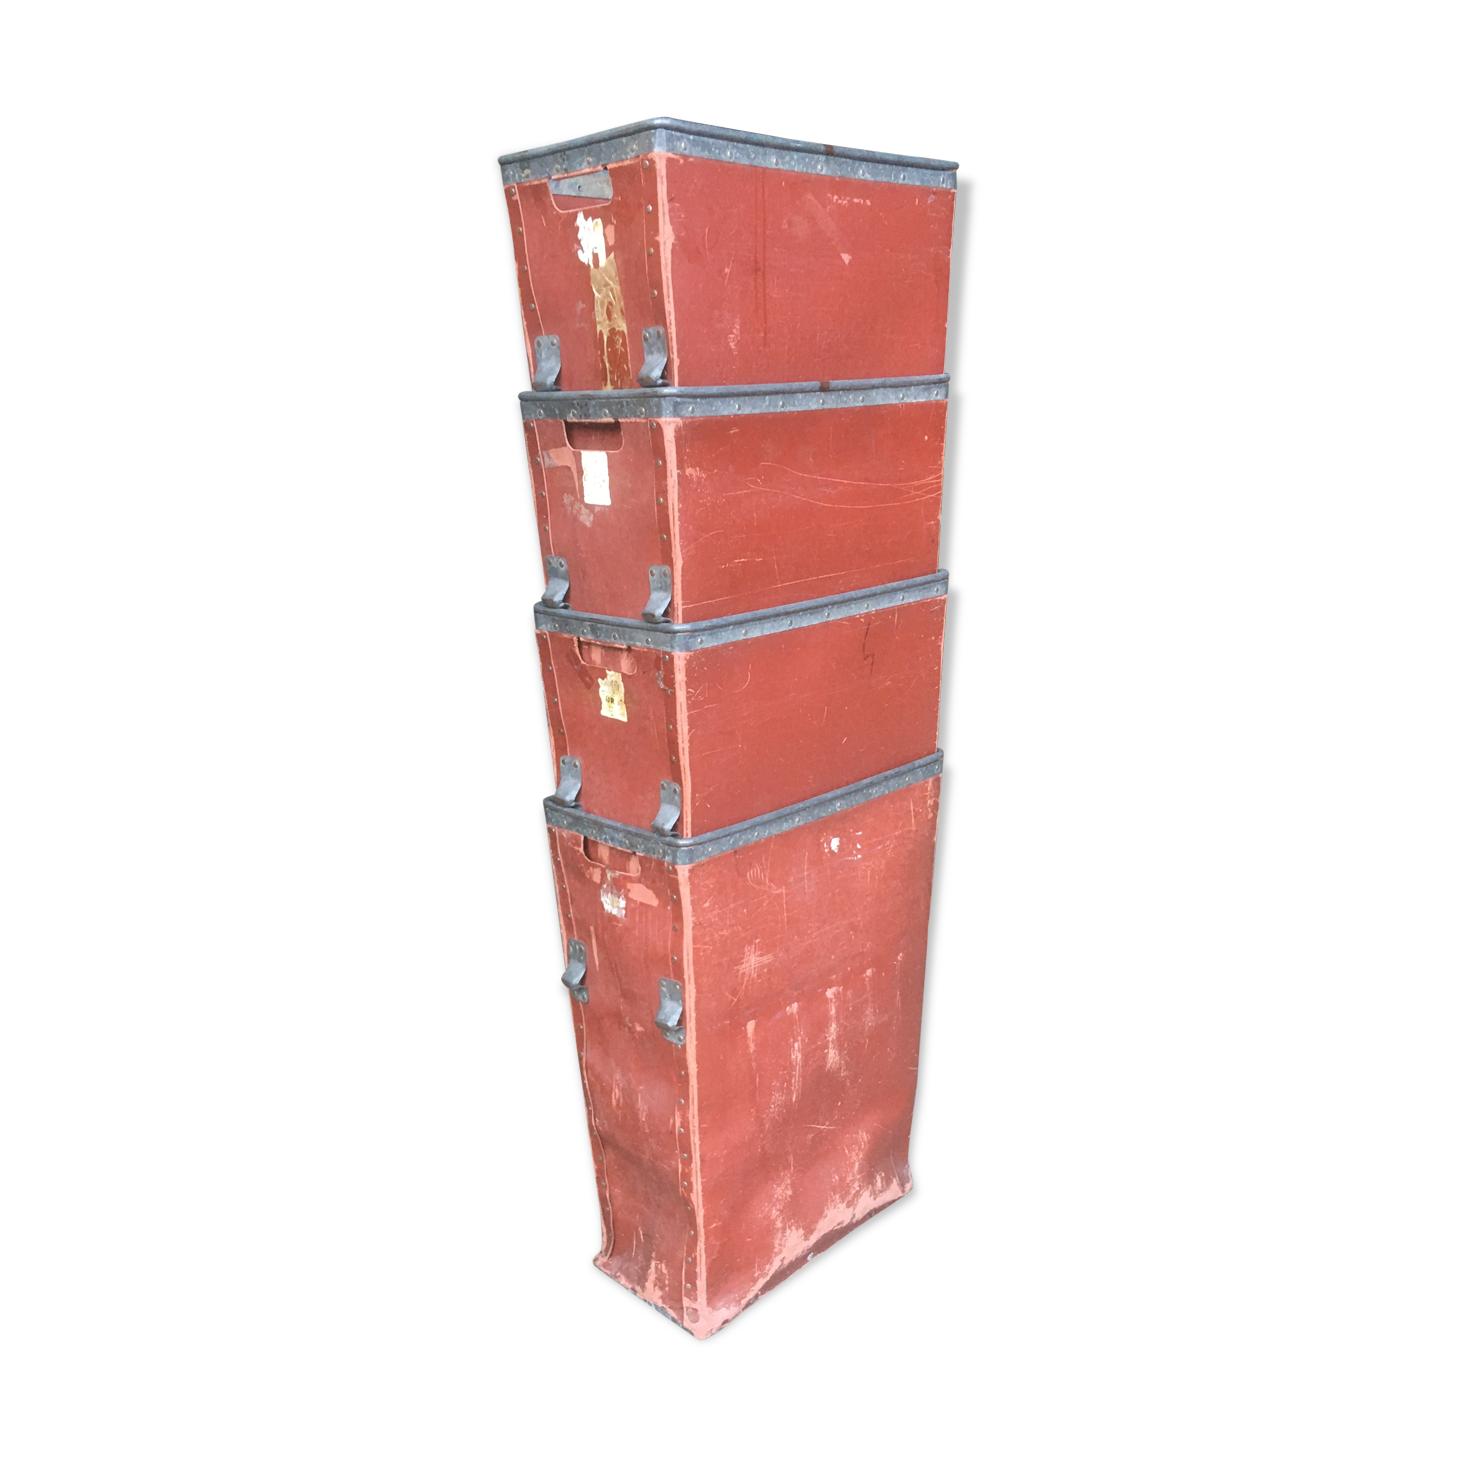 Caisse industrielle bac d'atelier Suroy en carton